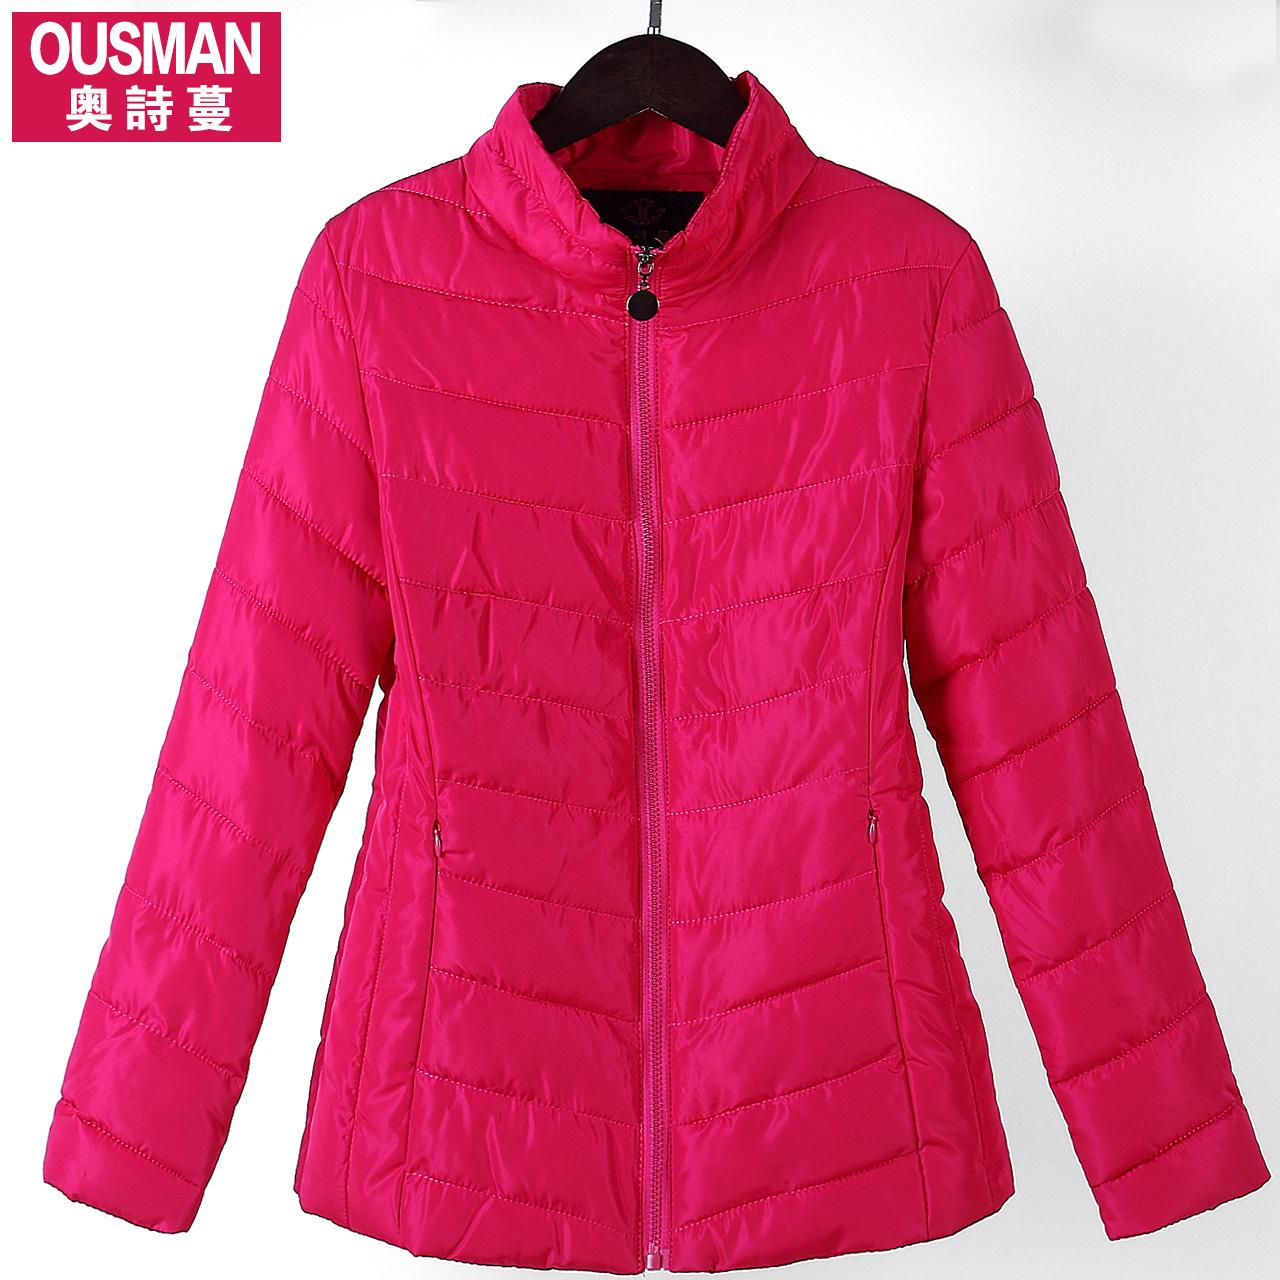 Женская утепленная куртка O u s m a n 2015osmw1533